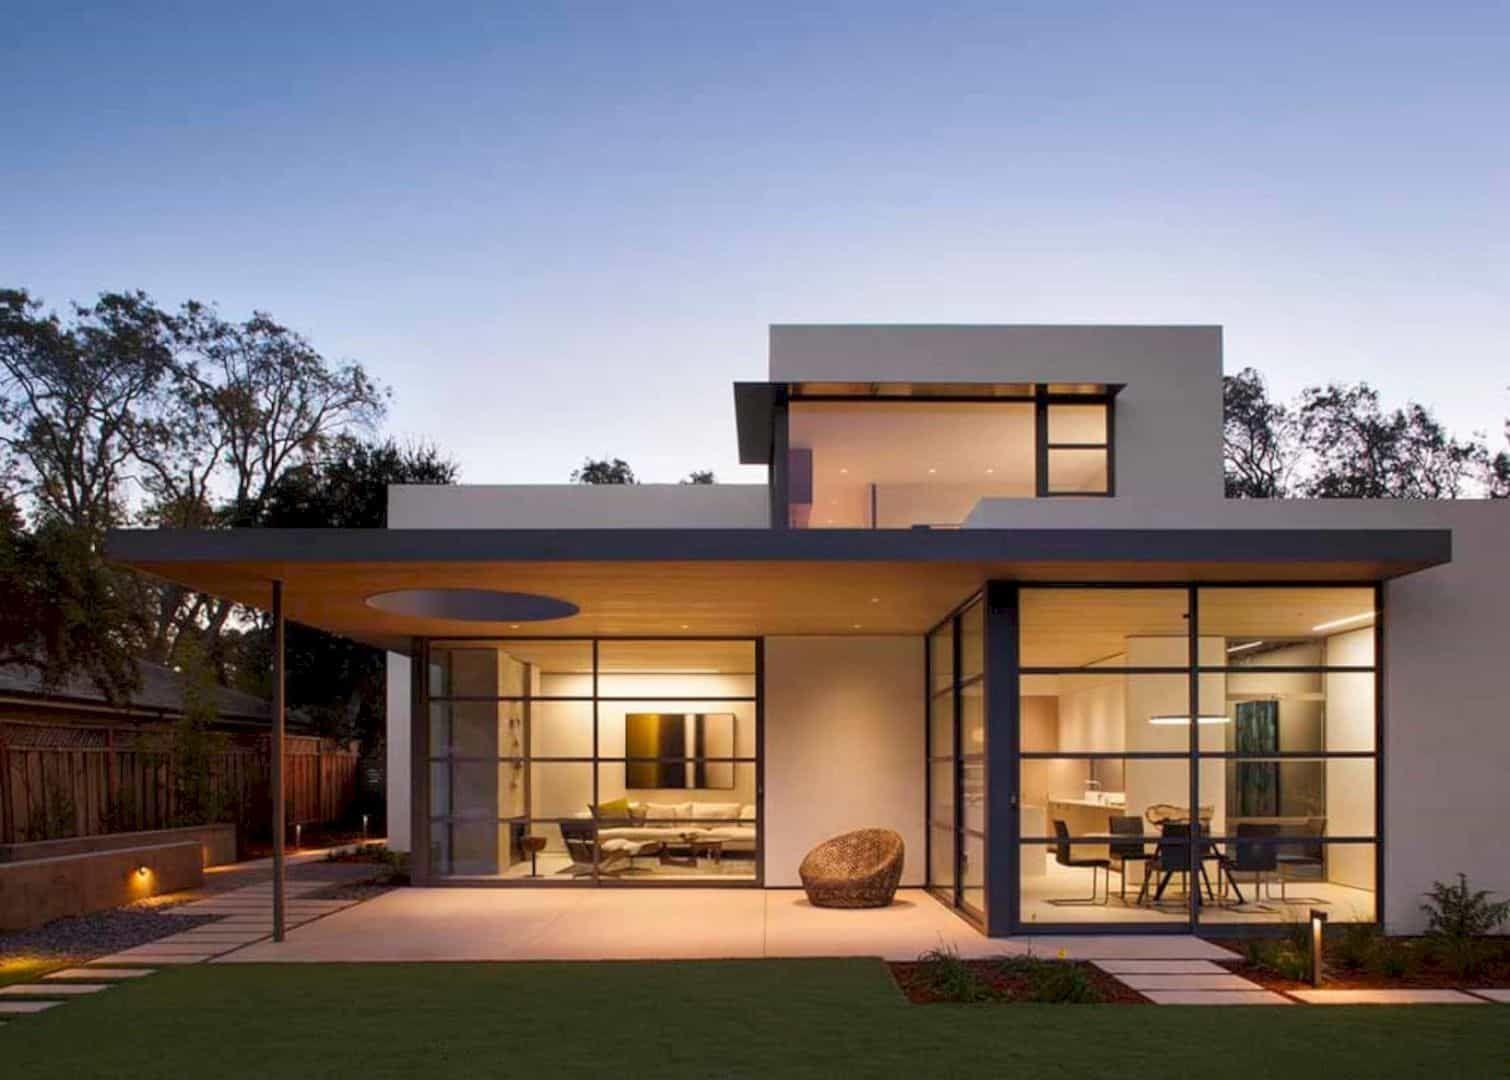 10 Amazing Modern House Designs Desain Rumah Rumah Modern Rumah Minimalis